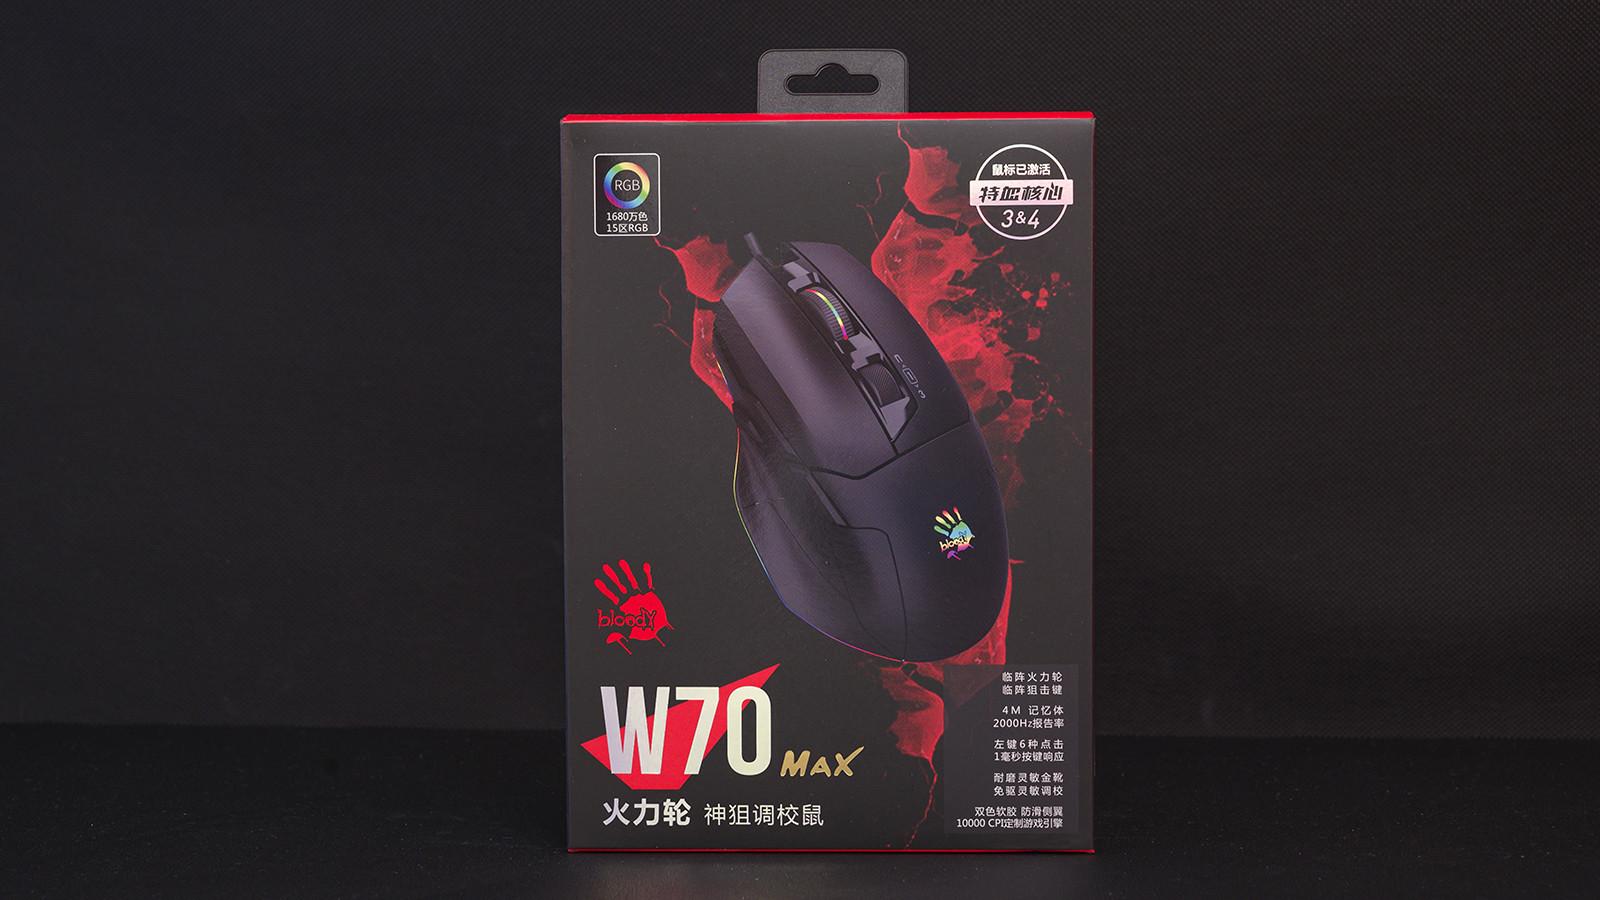 为什么狙神需要换鼠标,血手幽灵新品W70 MAX评测